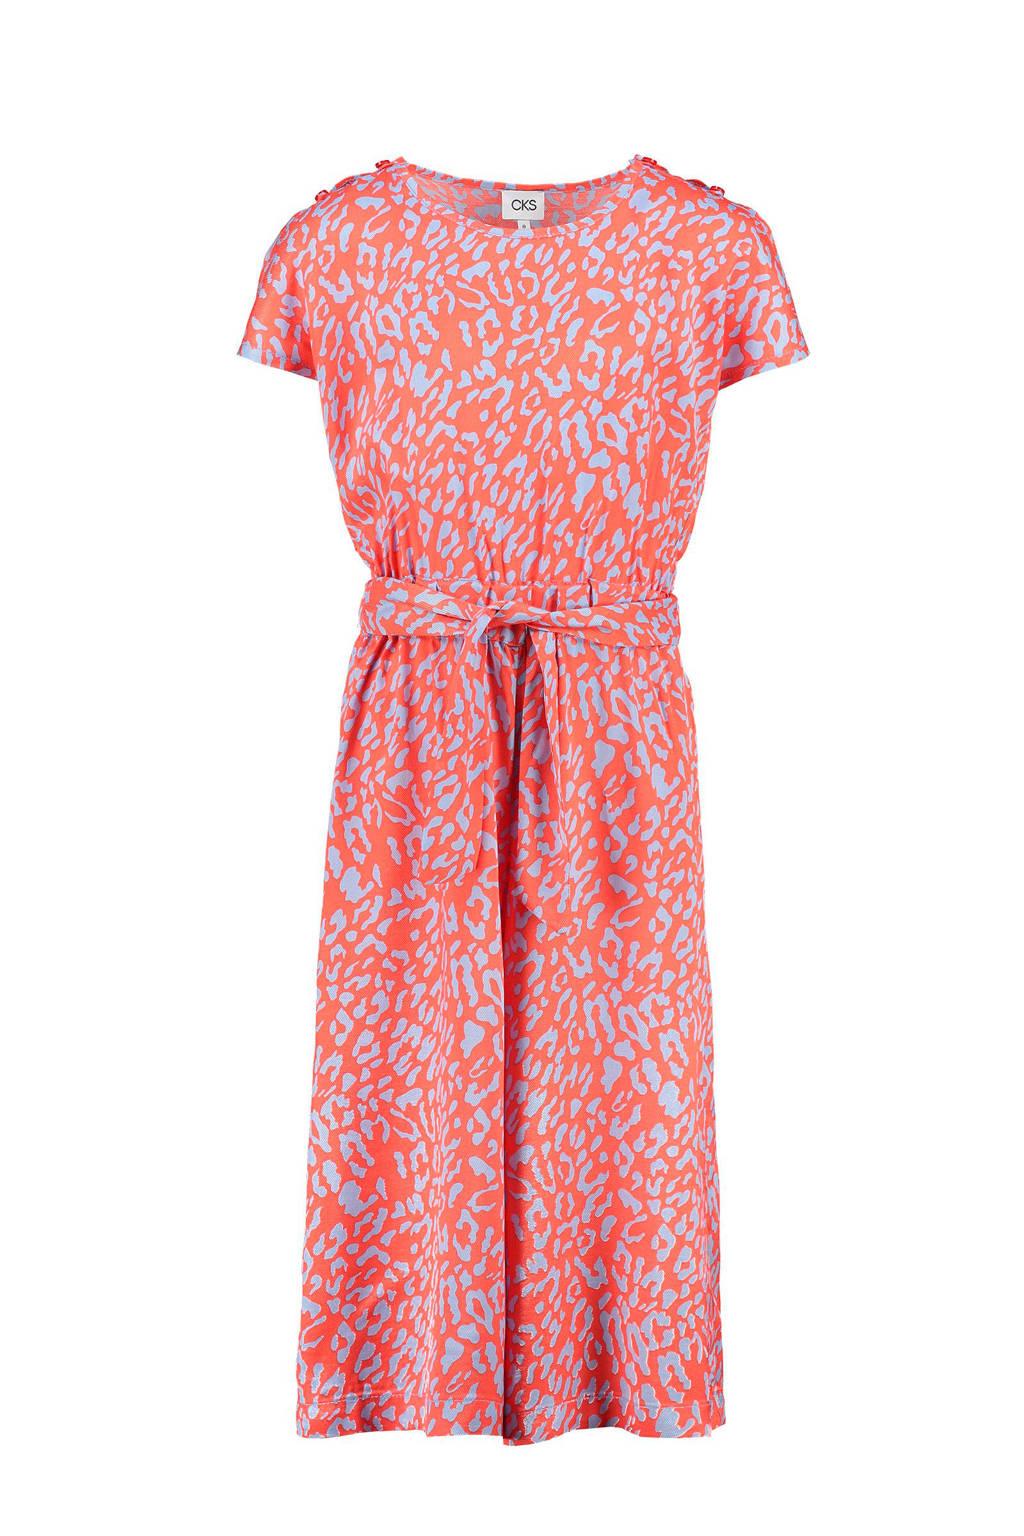 CKS KIDS jumpsuit Gardenas met panterprint rood, Rood